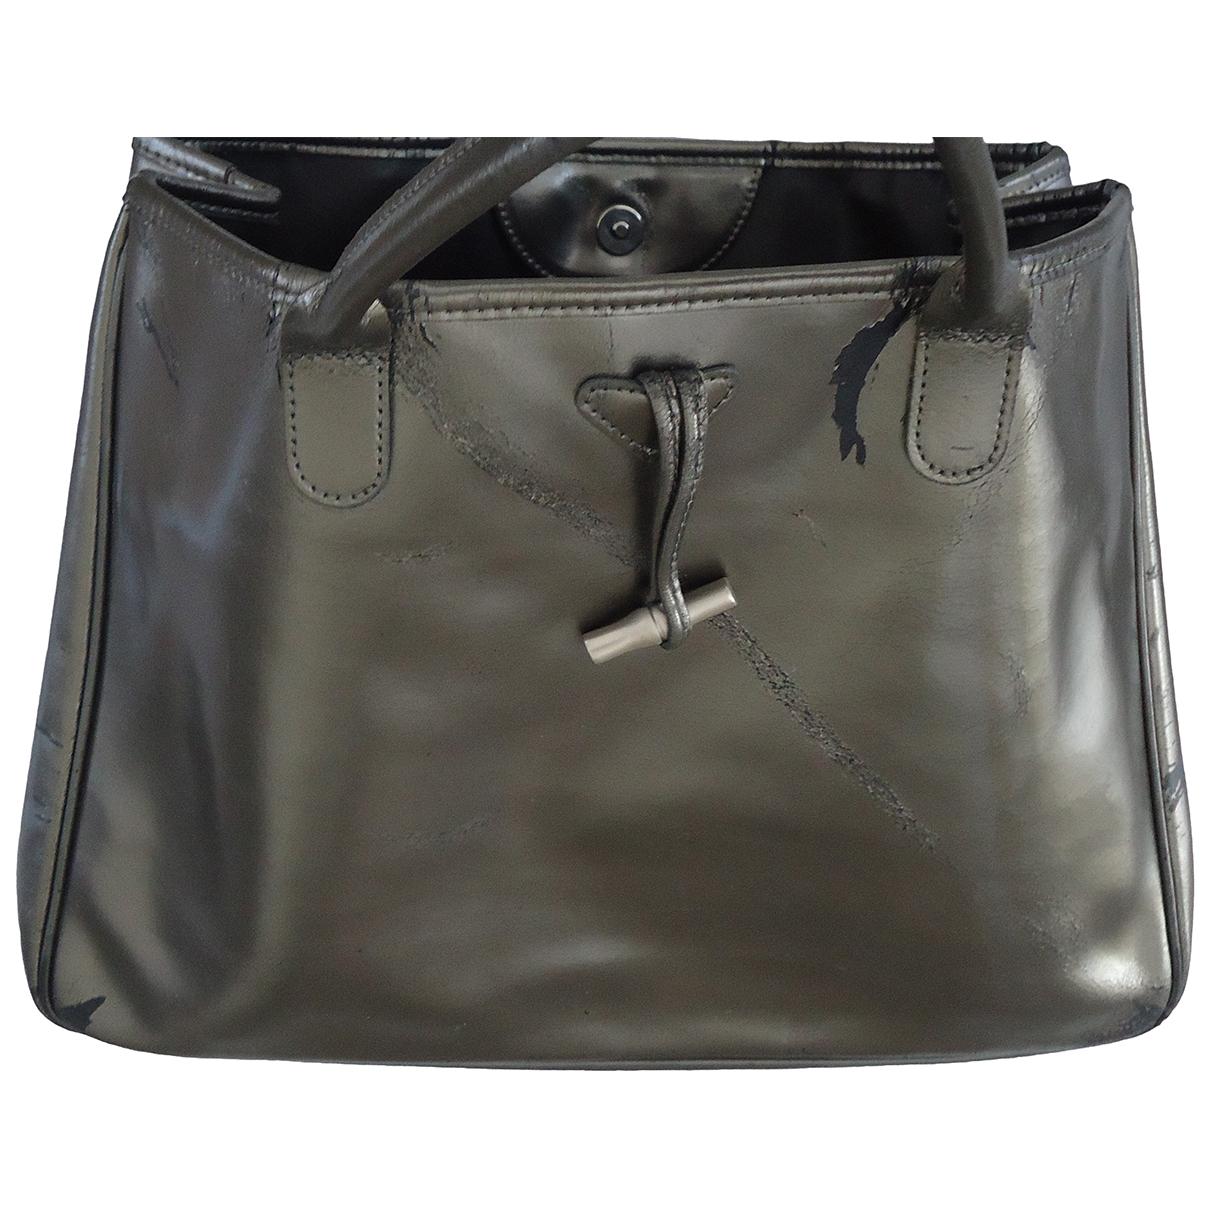 Longchamp - Sac a main Roseau pour femme en metal - argente